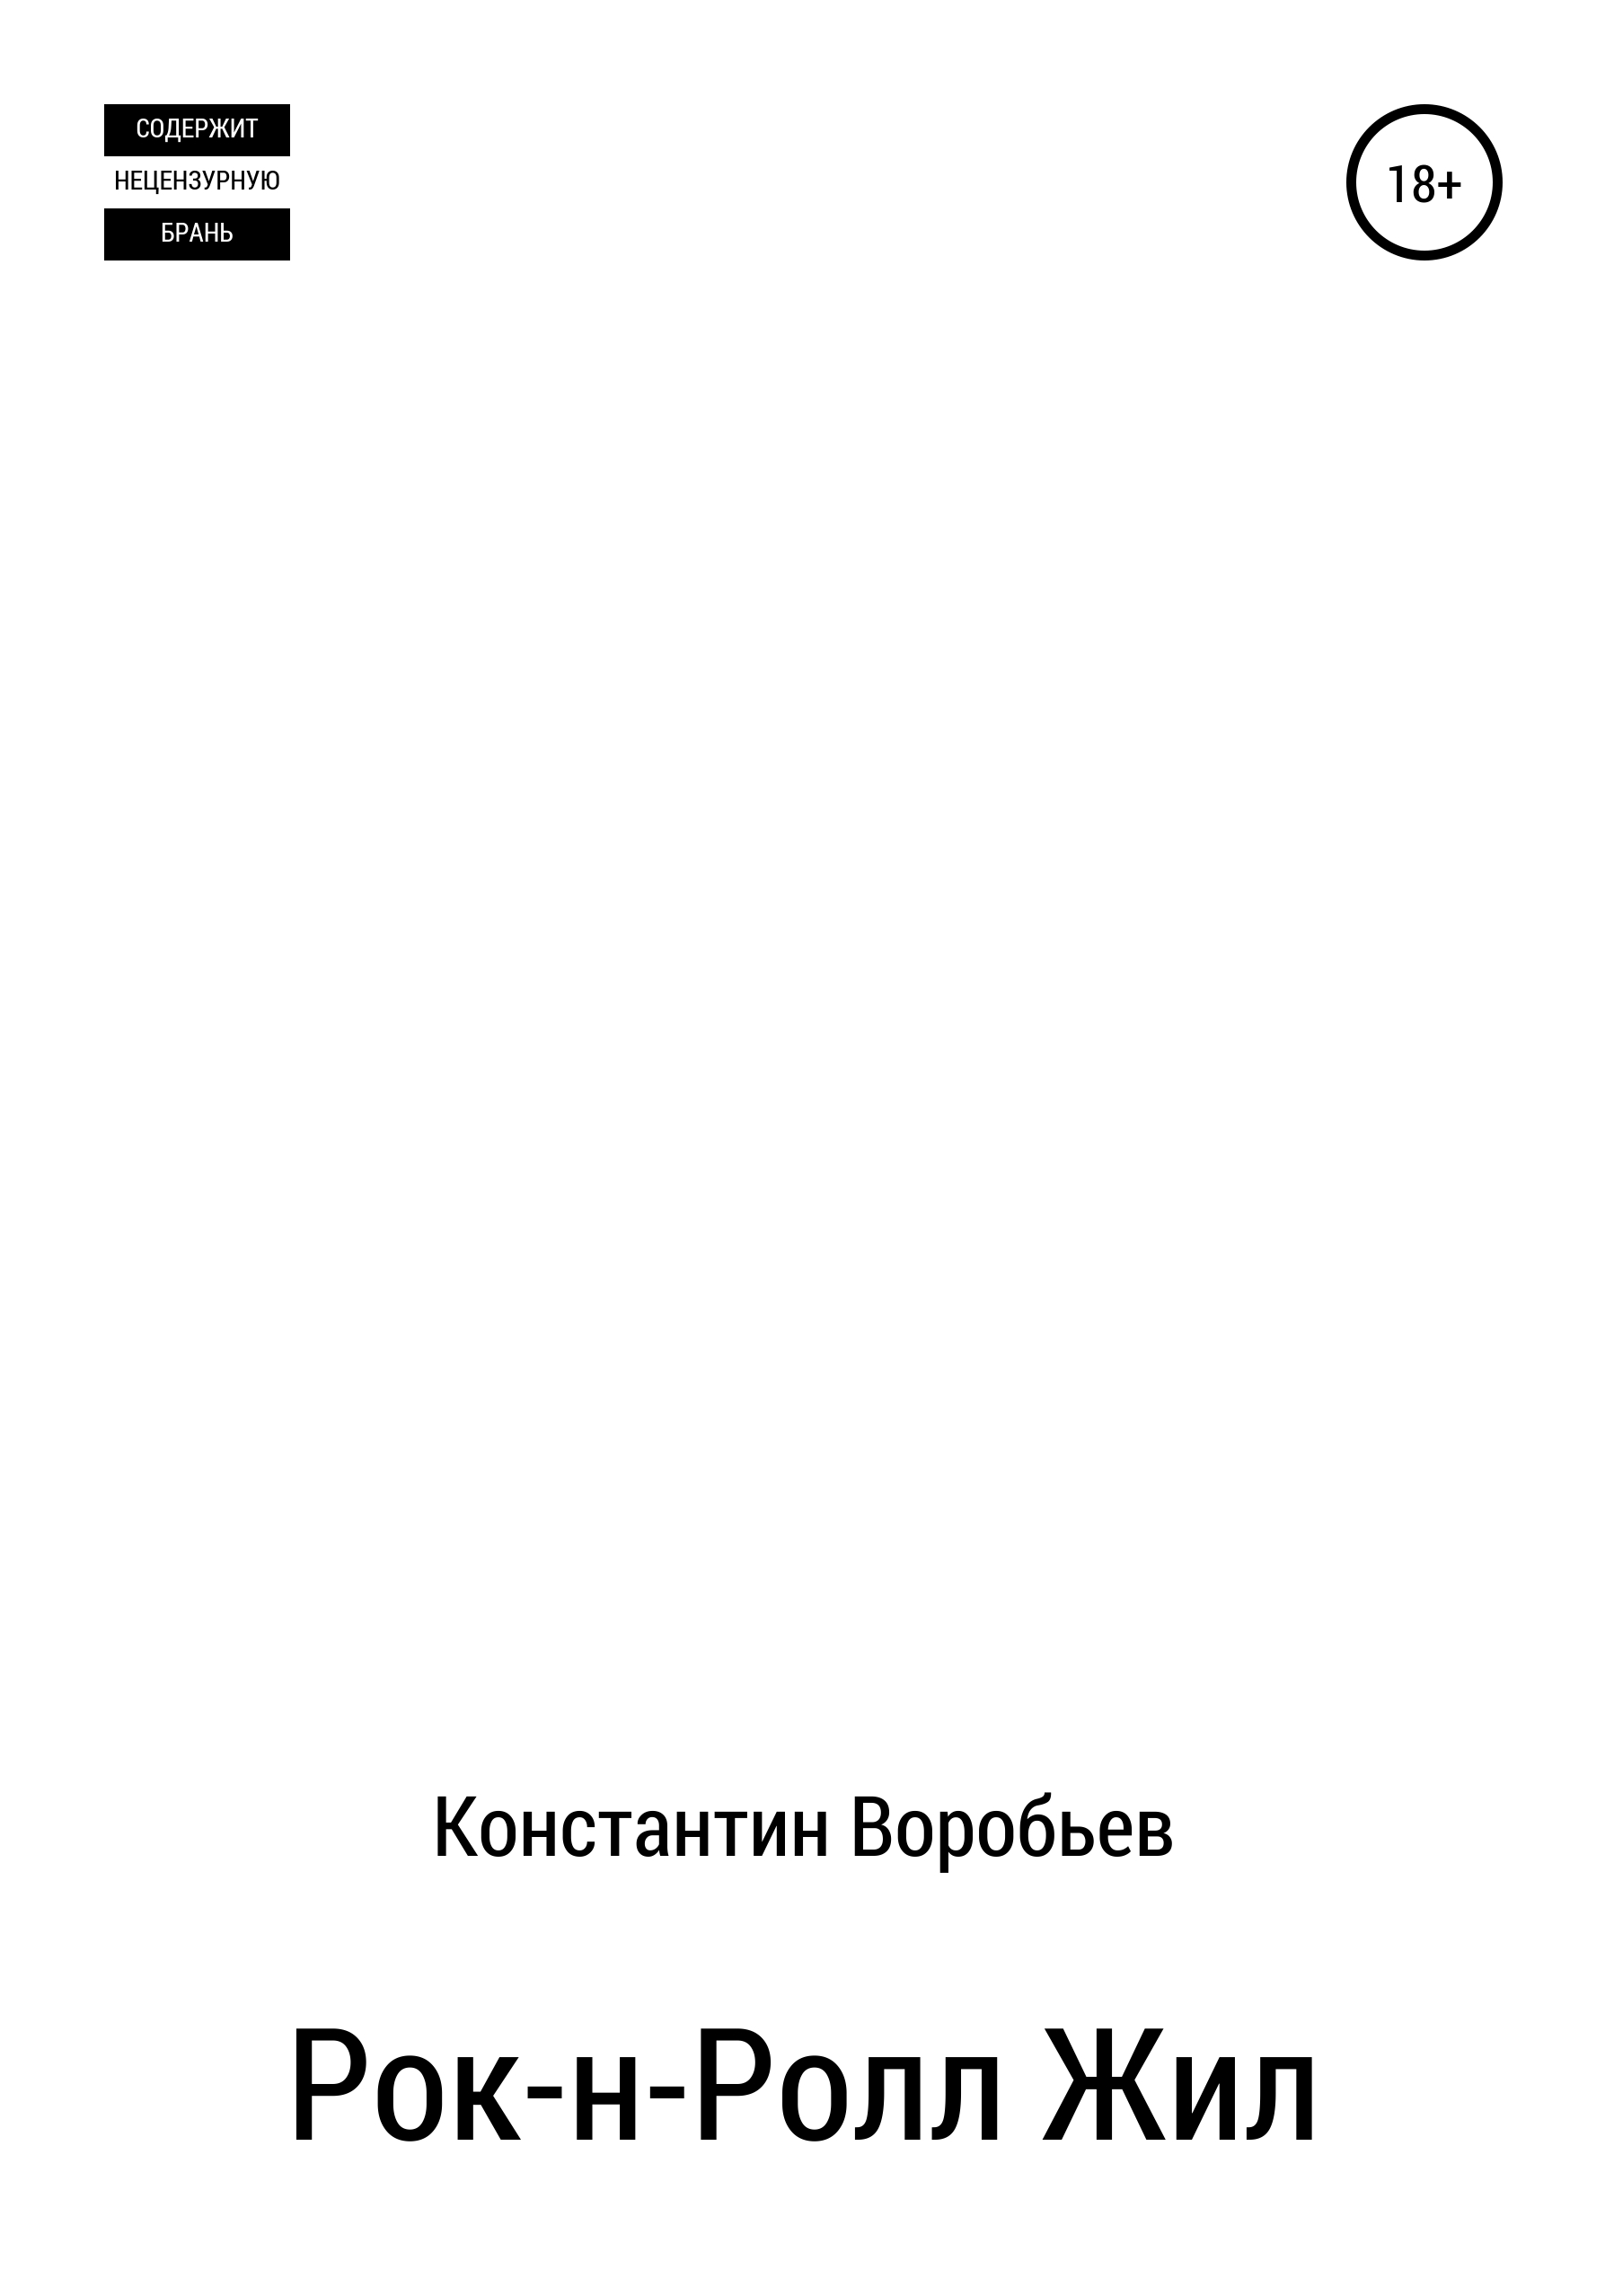 Константин Воробьев Рок-н-Ролл Жил воробьев н путь ко спасению покаяние